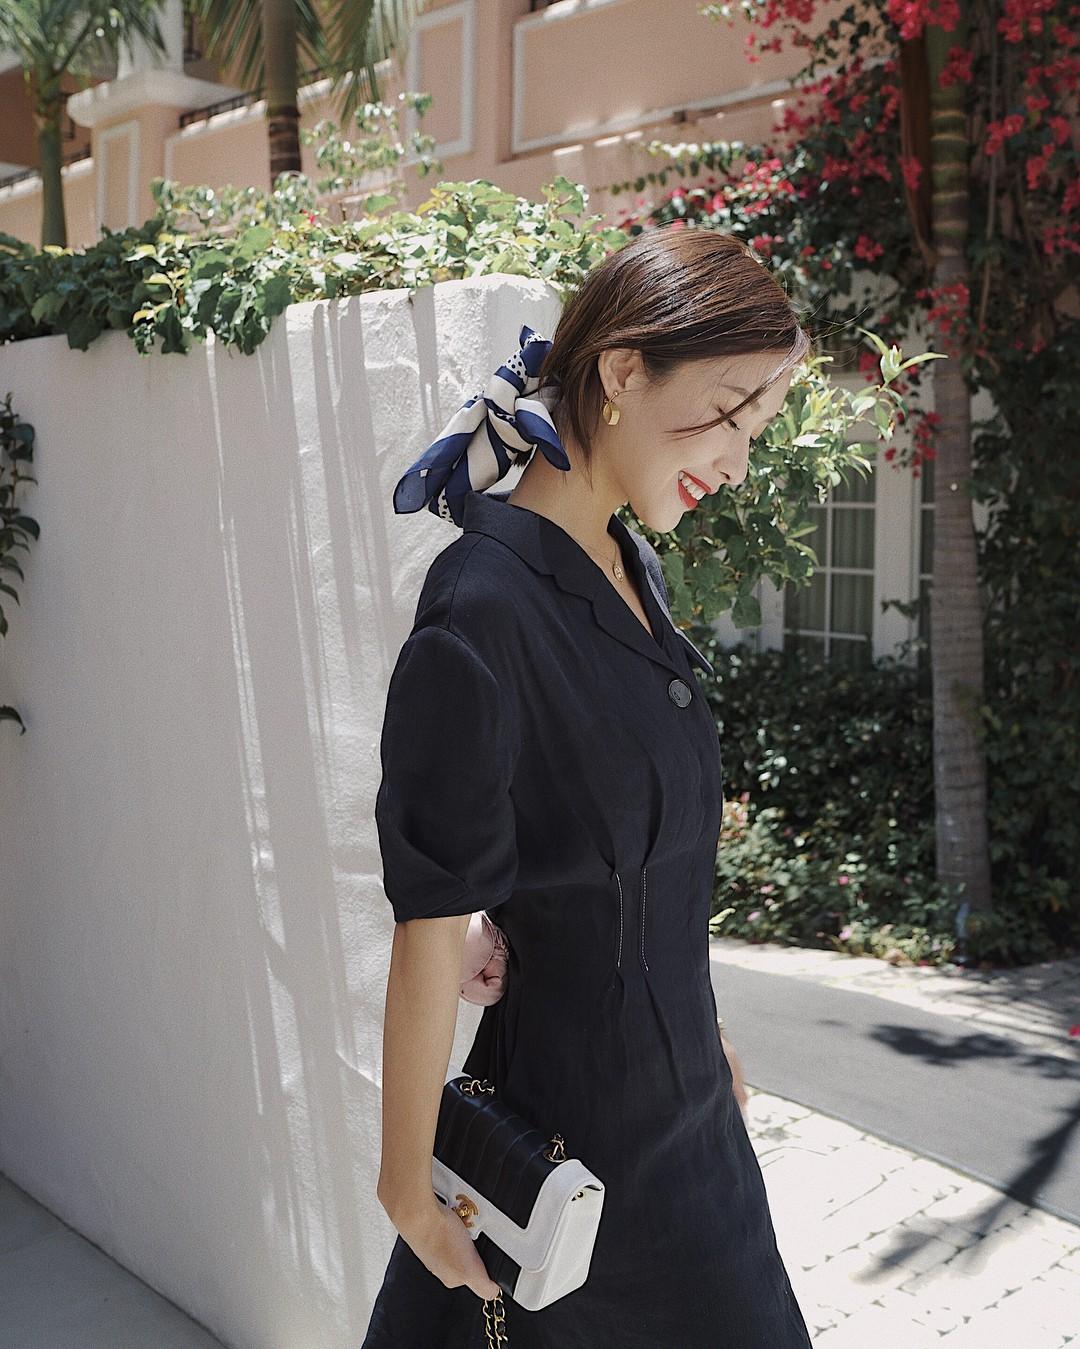 Đồ đen có thể giúp bạn trông gầy đi vài kilogram, nhưng mặc sao cho đẹp thì hãy tham khảo Hà Tăng - Ảnh 8